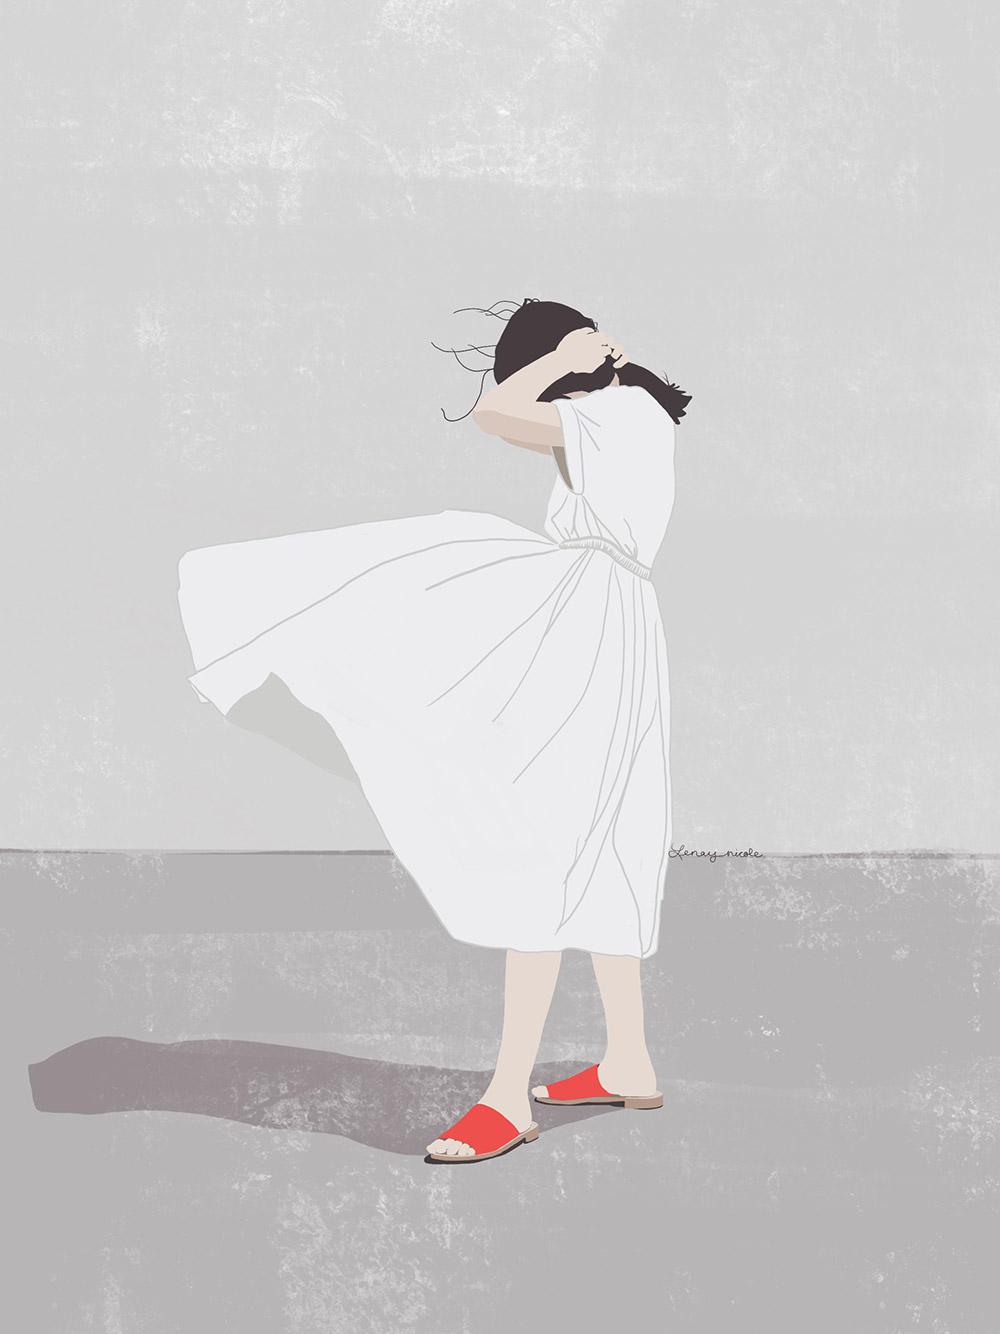 lenaynicole-illustration-28-100.jpg